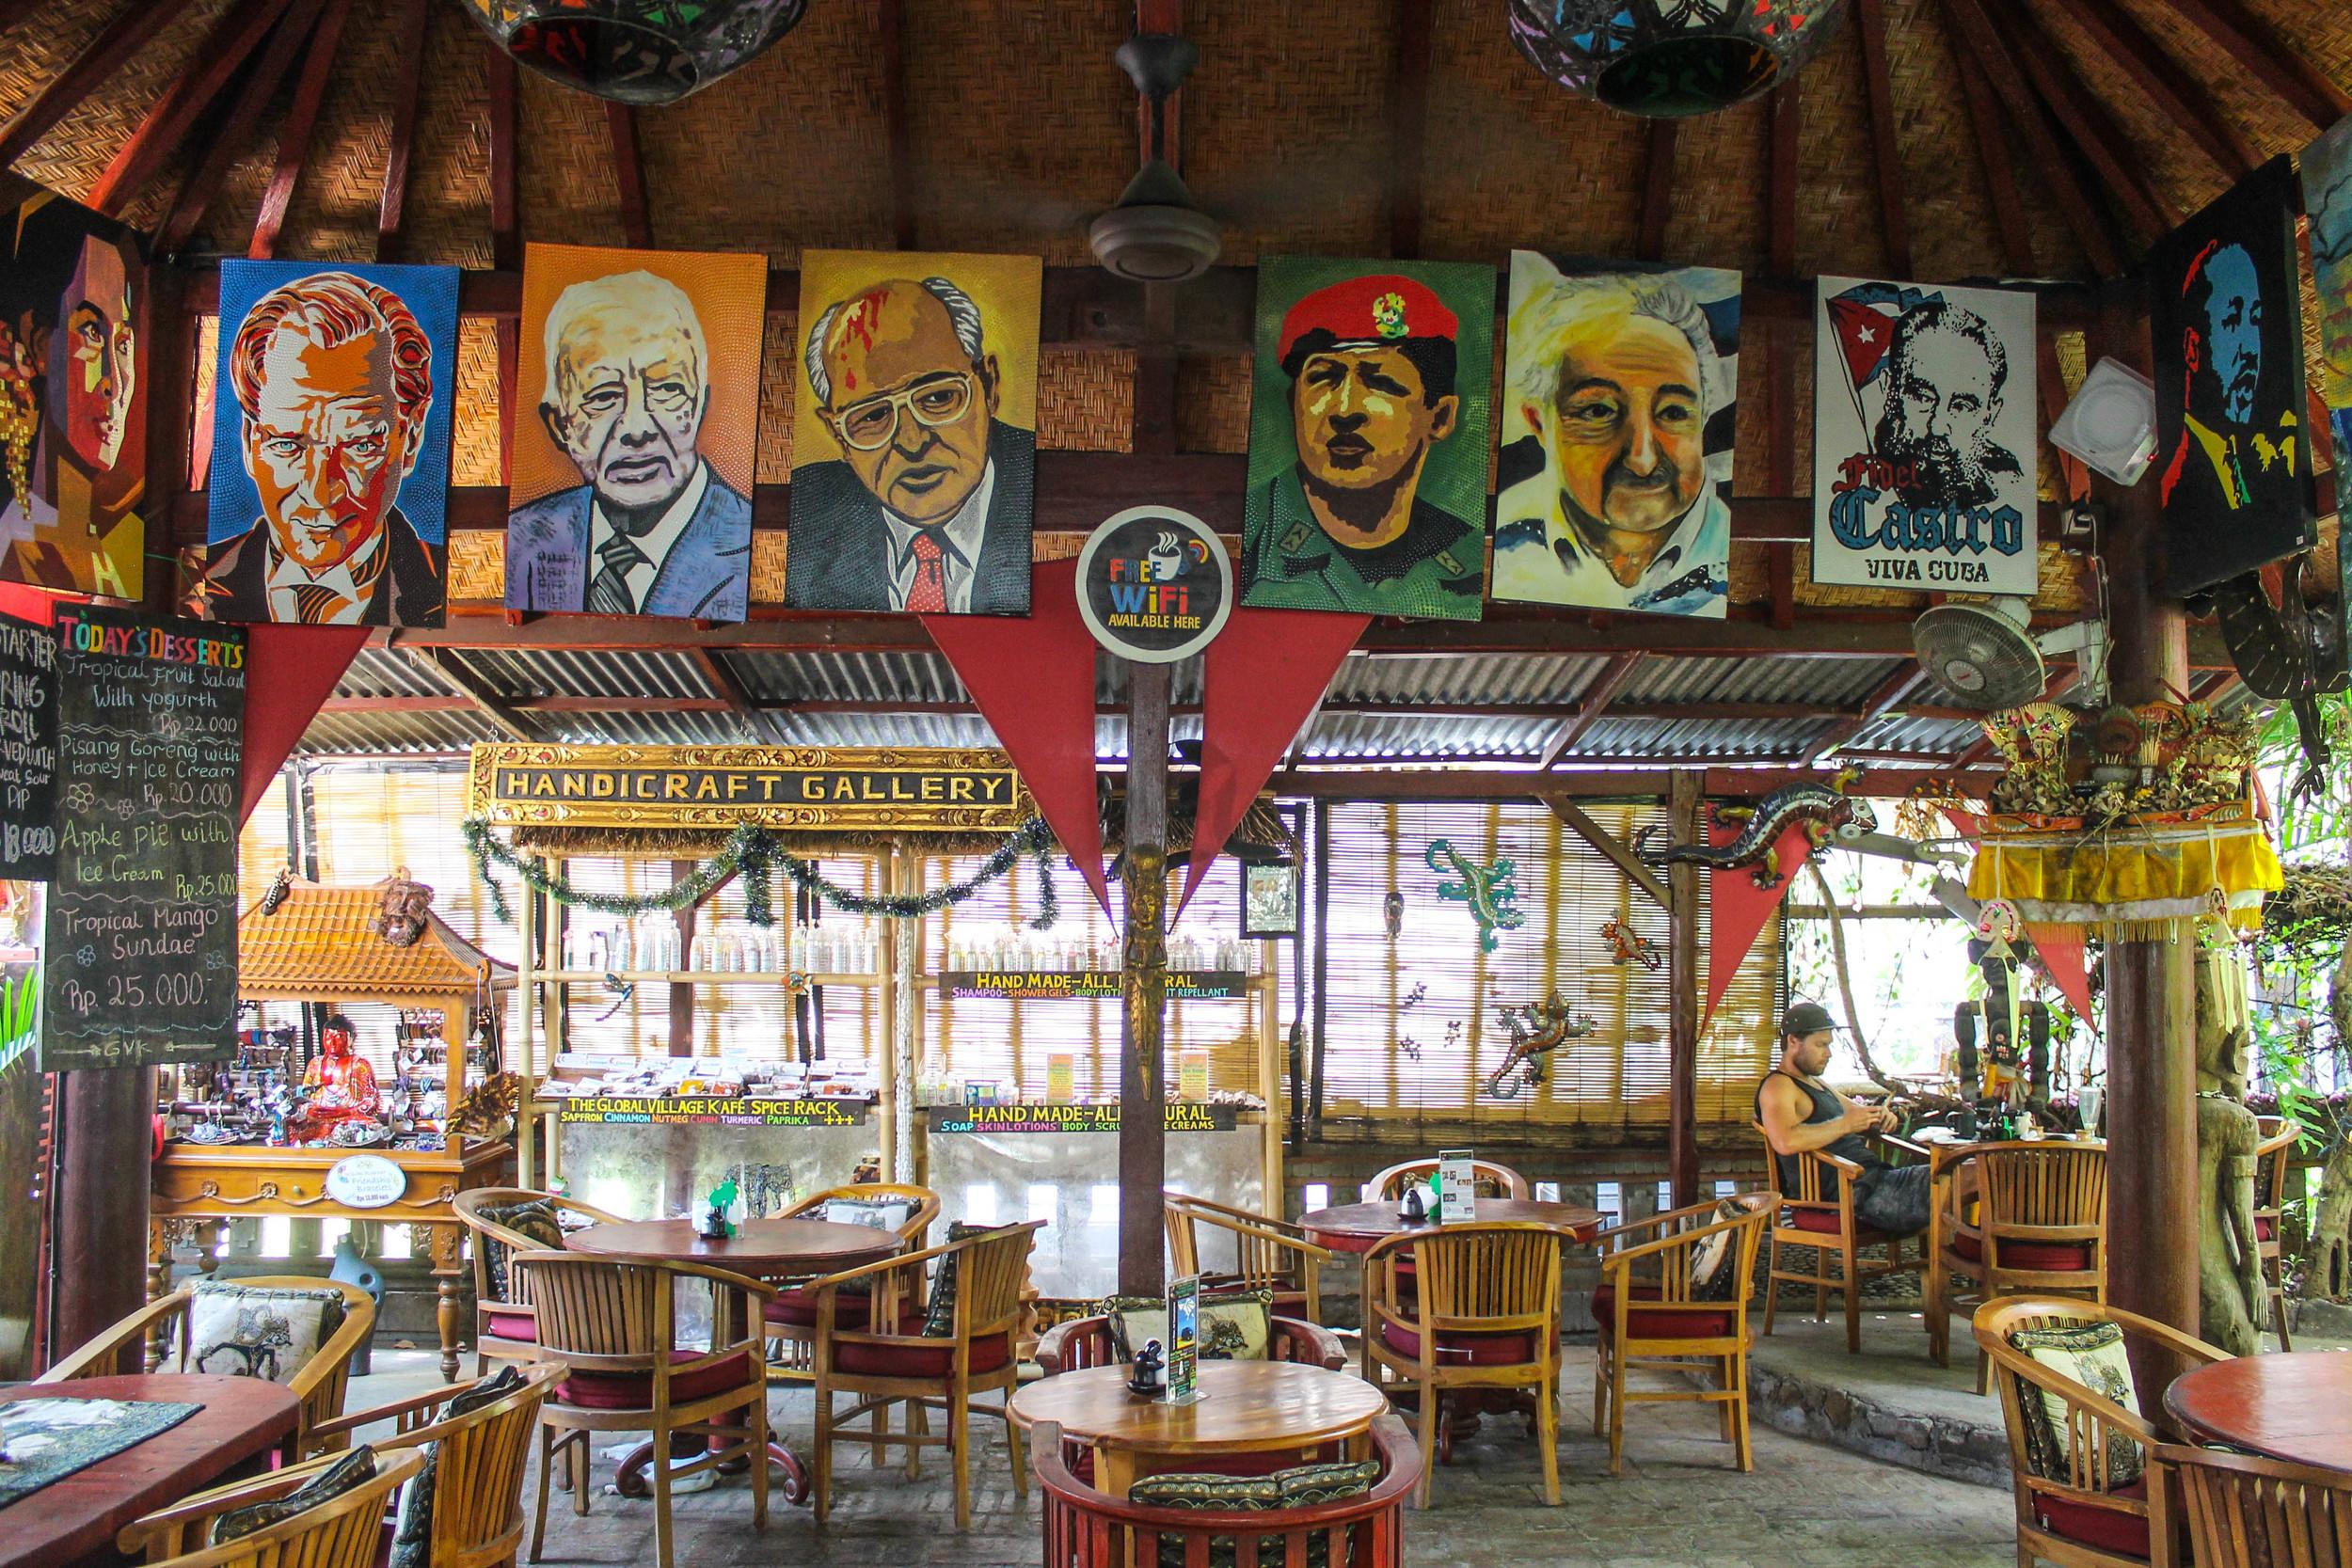 Global Citizen's Kafe in Lovina.